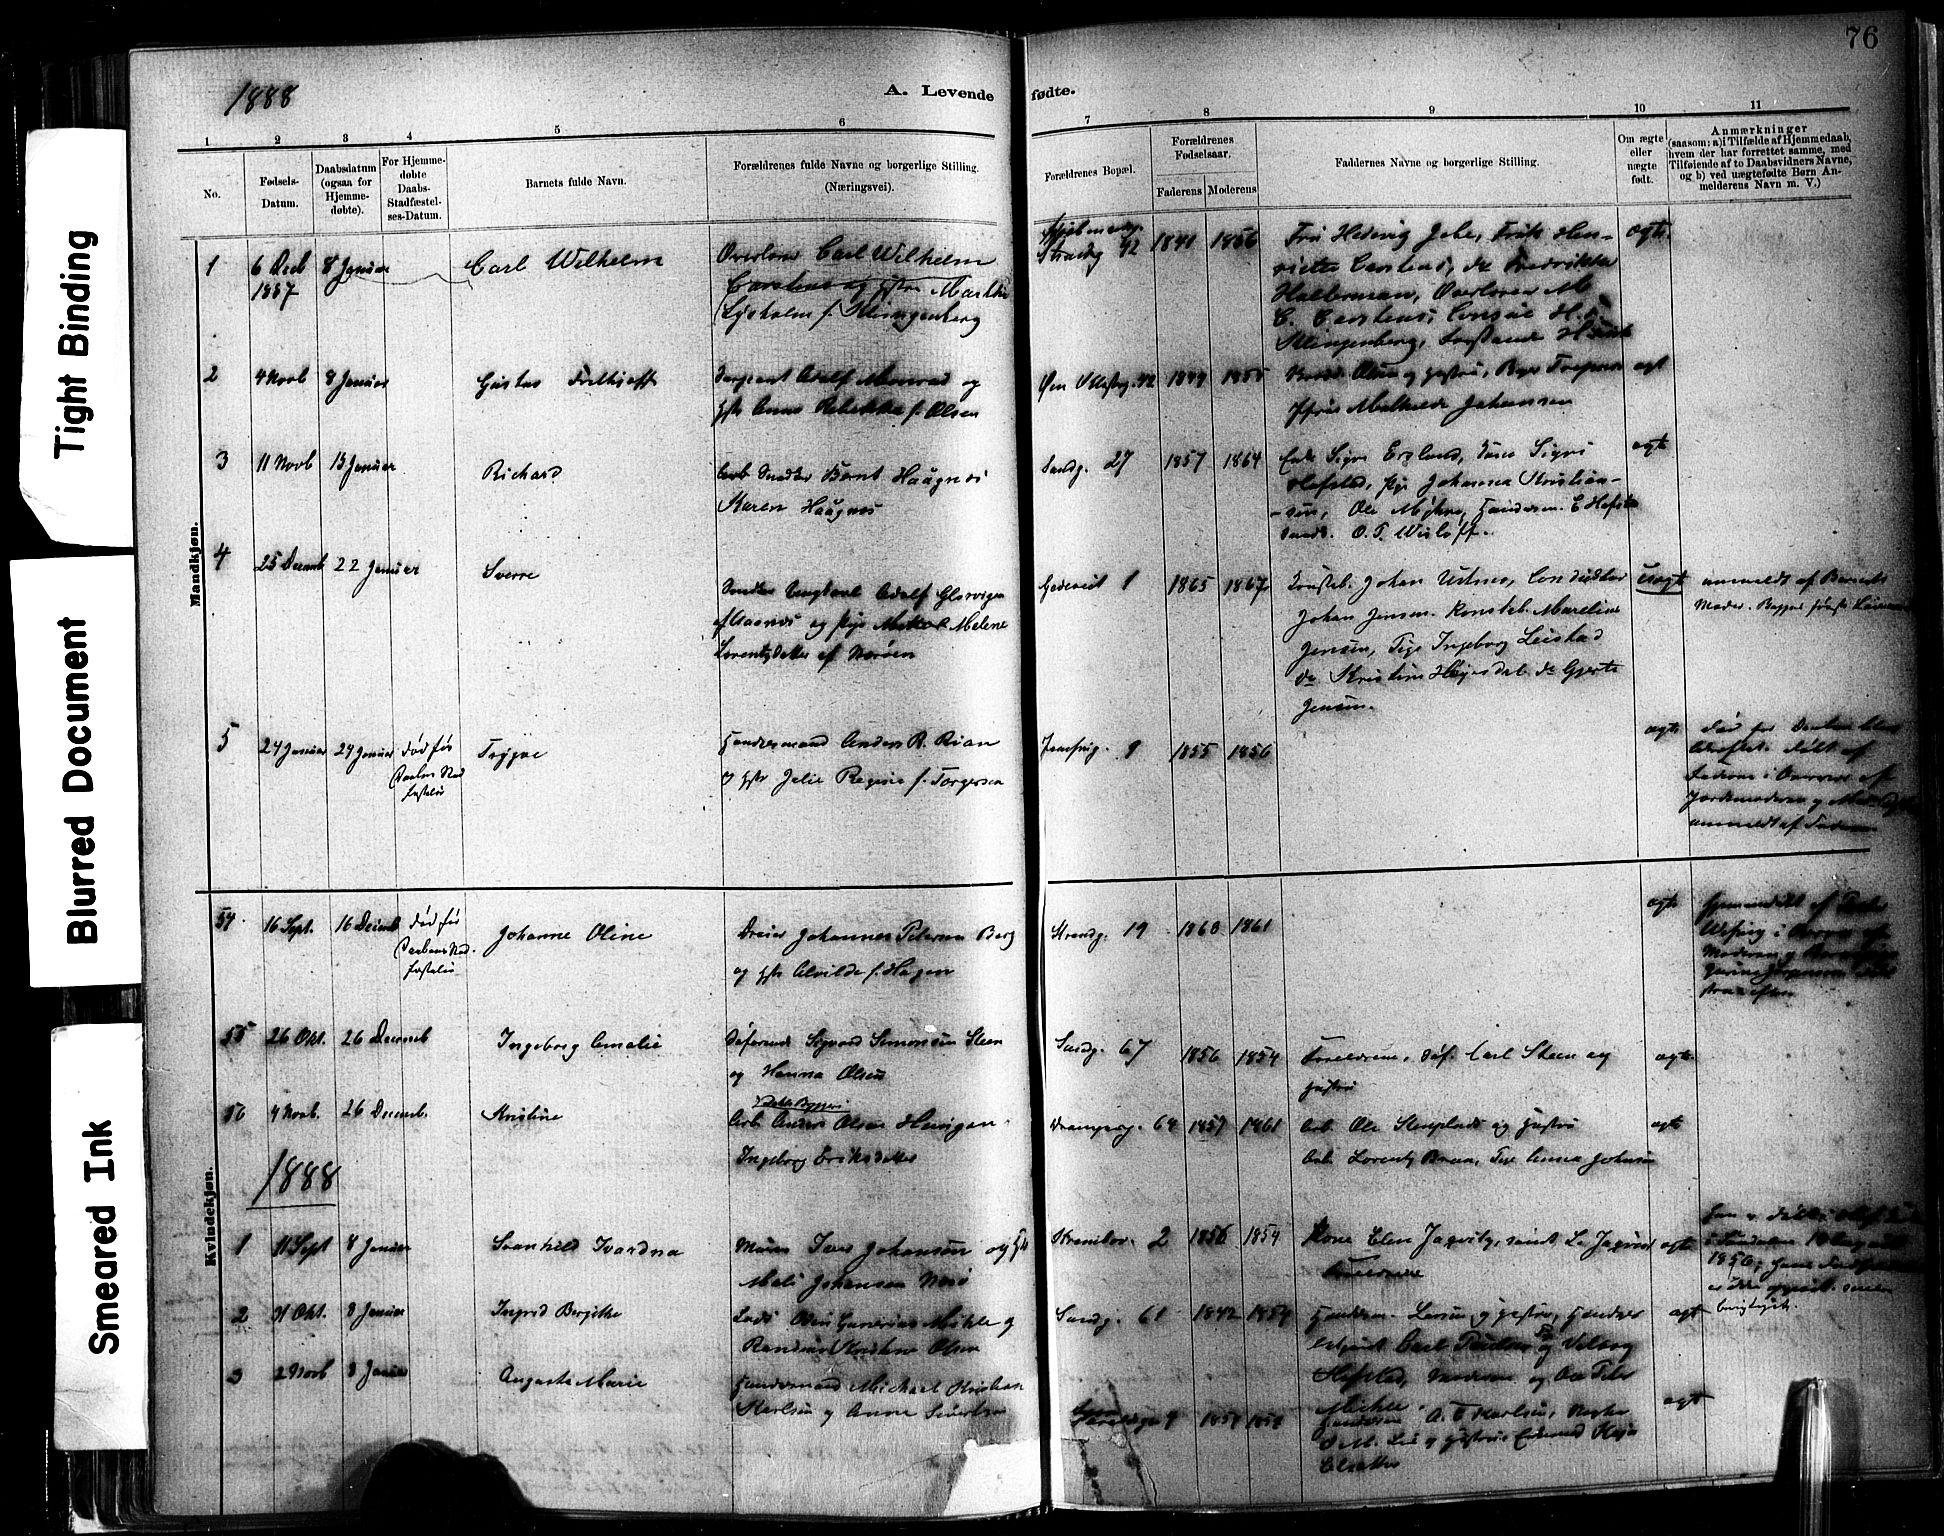 SAT, Ministerialprotokoller, klokkerbøker og fødselsregistre - Sør-Trøndelag, 602/L0119: Ministerialbok nr. 602A17, 1880-1901, s. 76